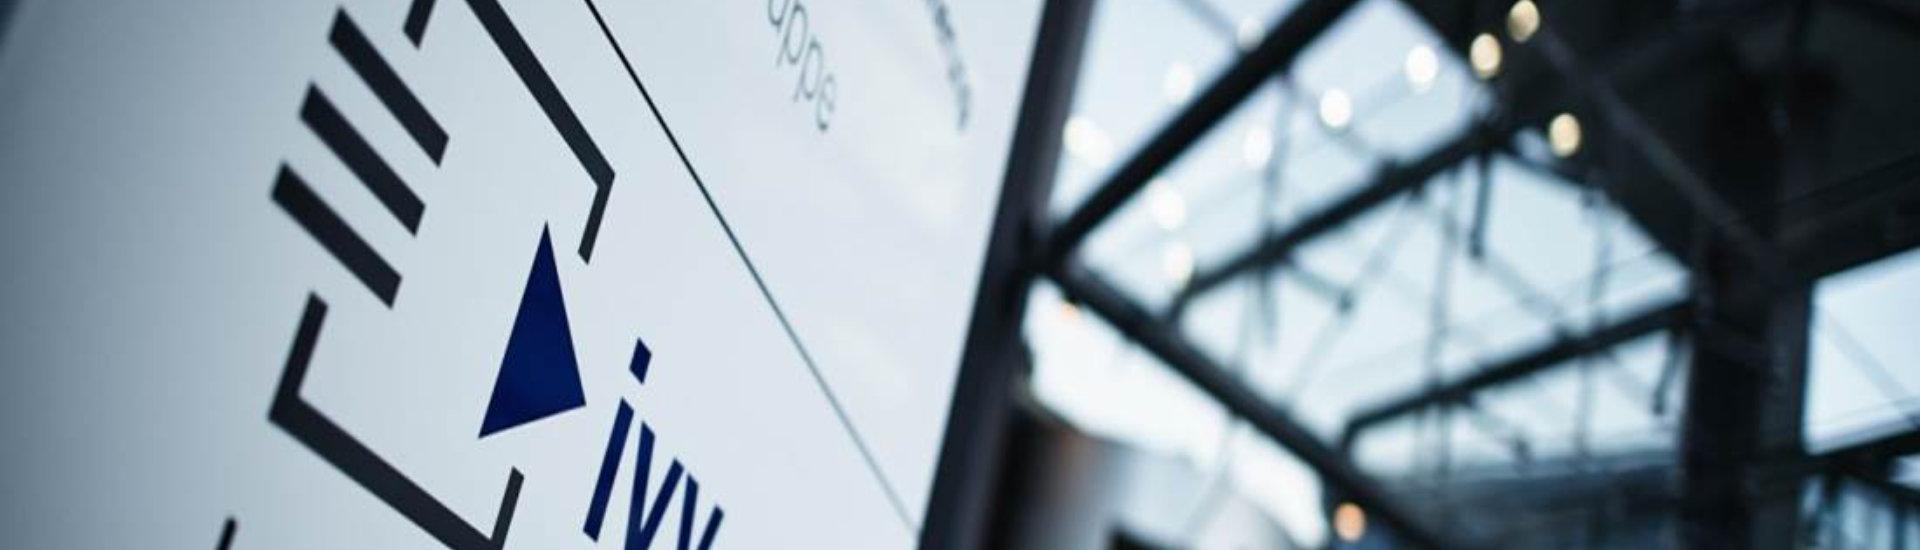 ivv - Informationsverarbeitung für Versicherungen